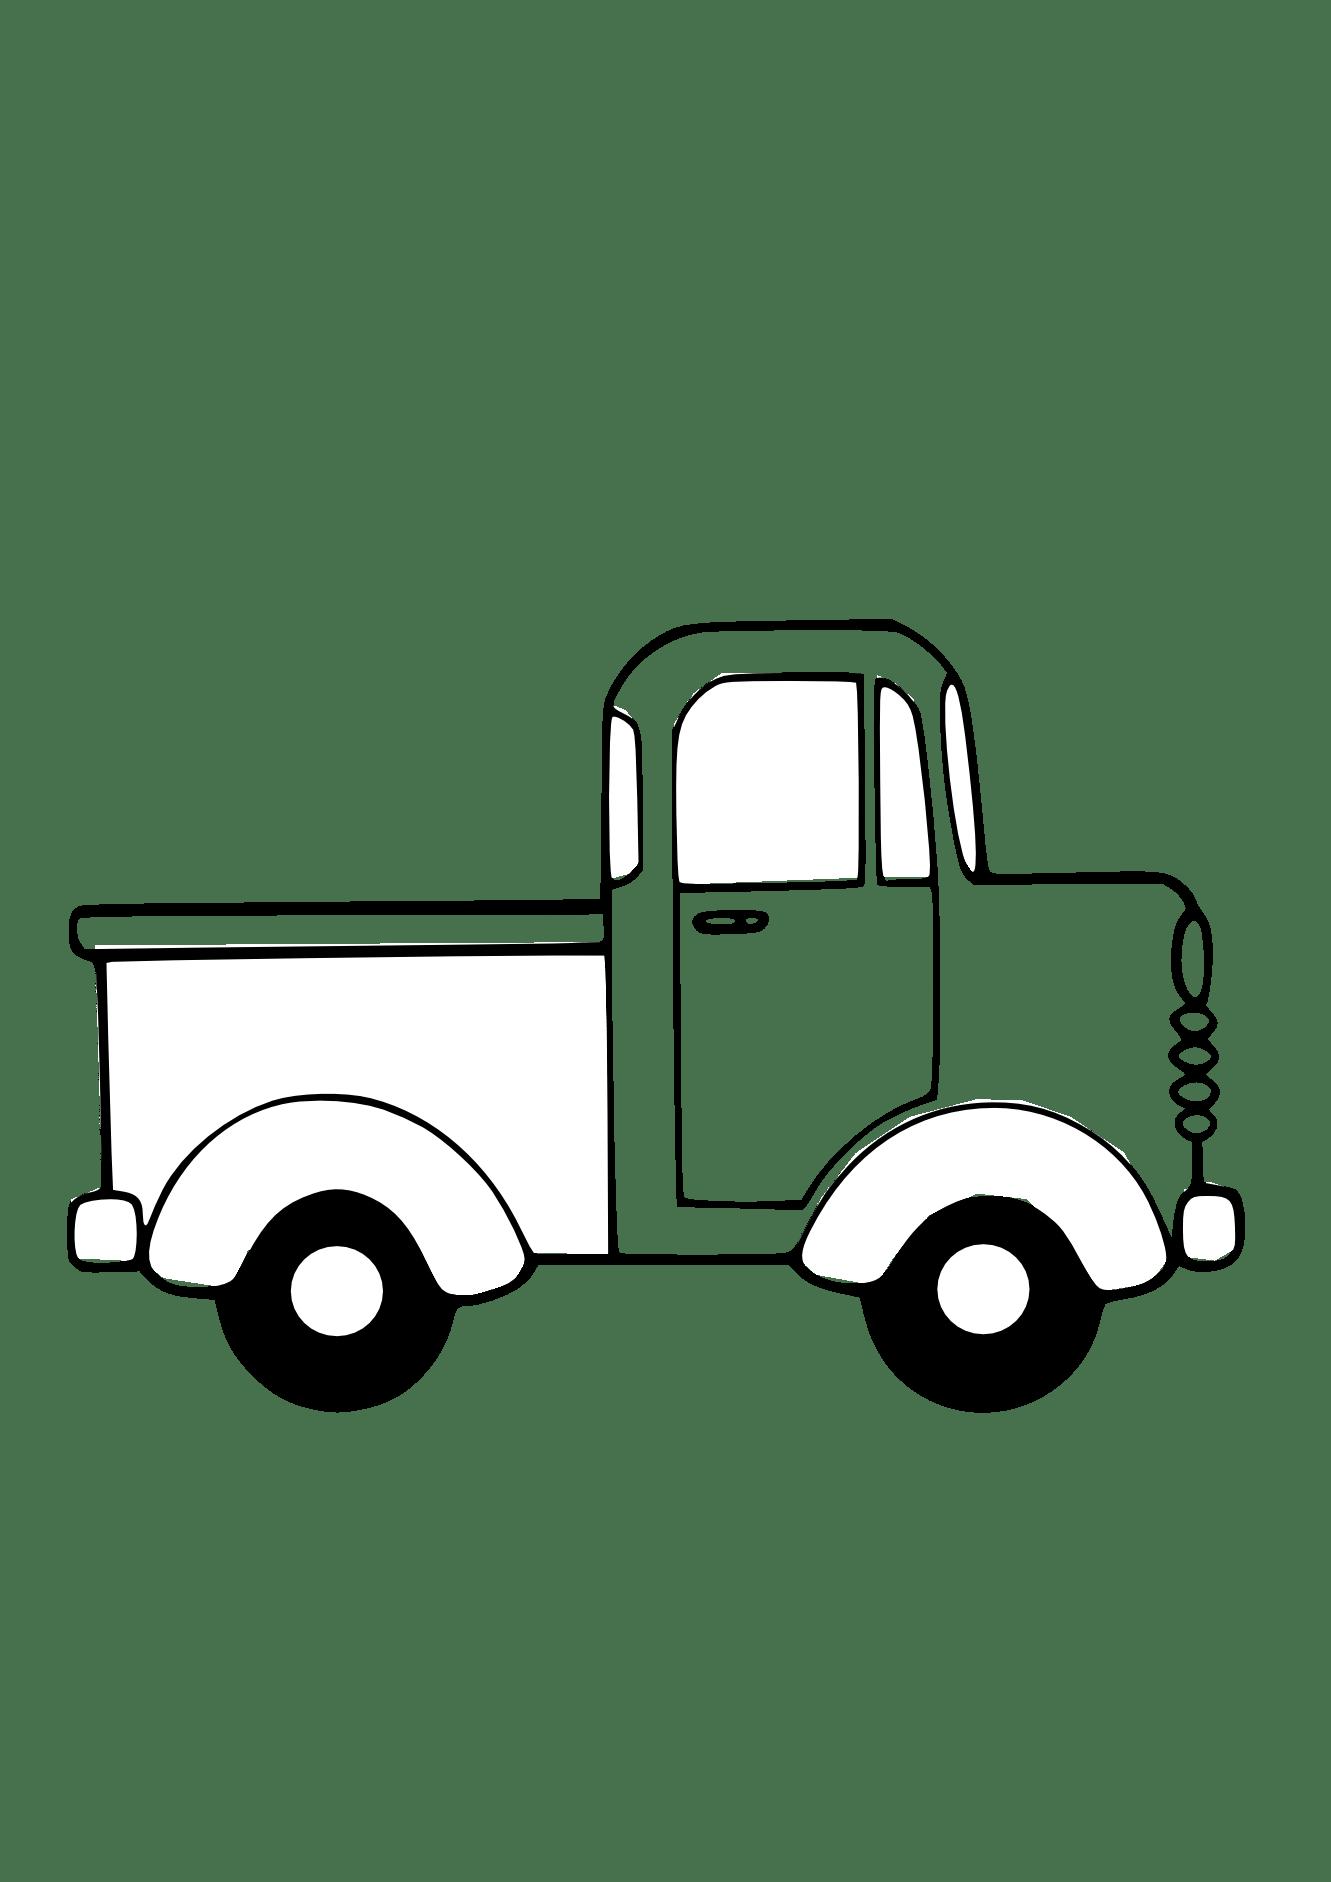 Semi Truck Clip Art Free